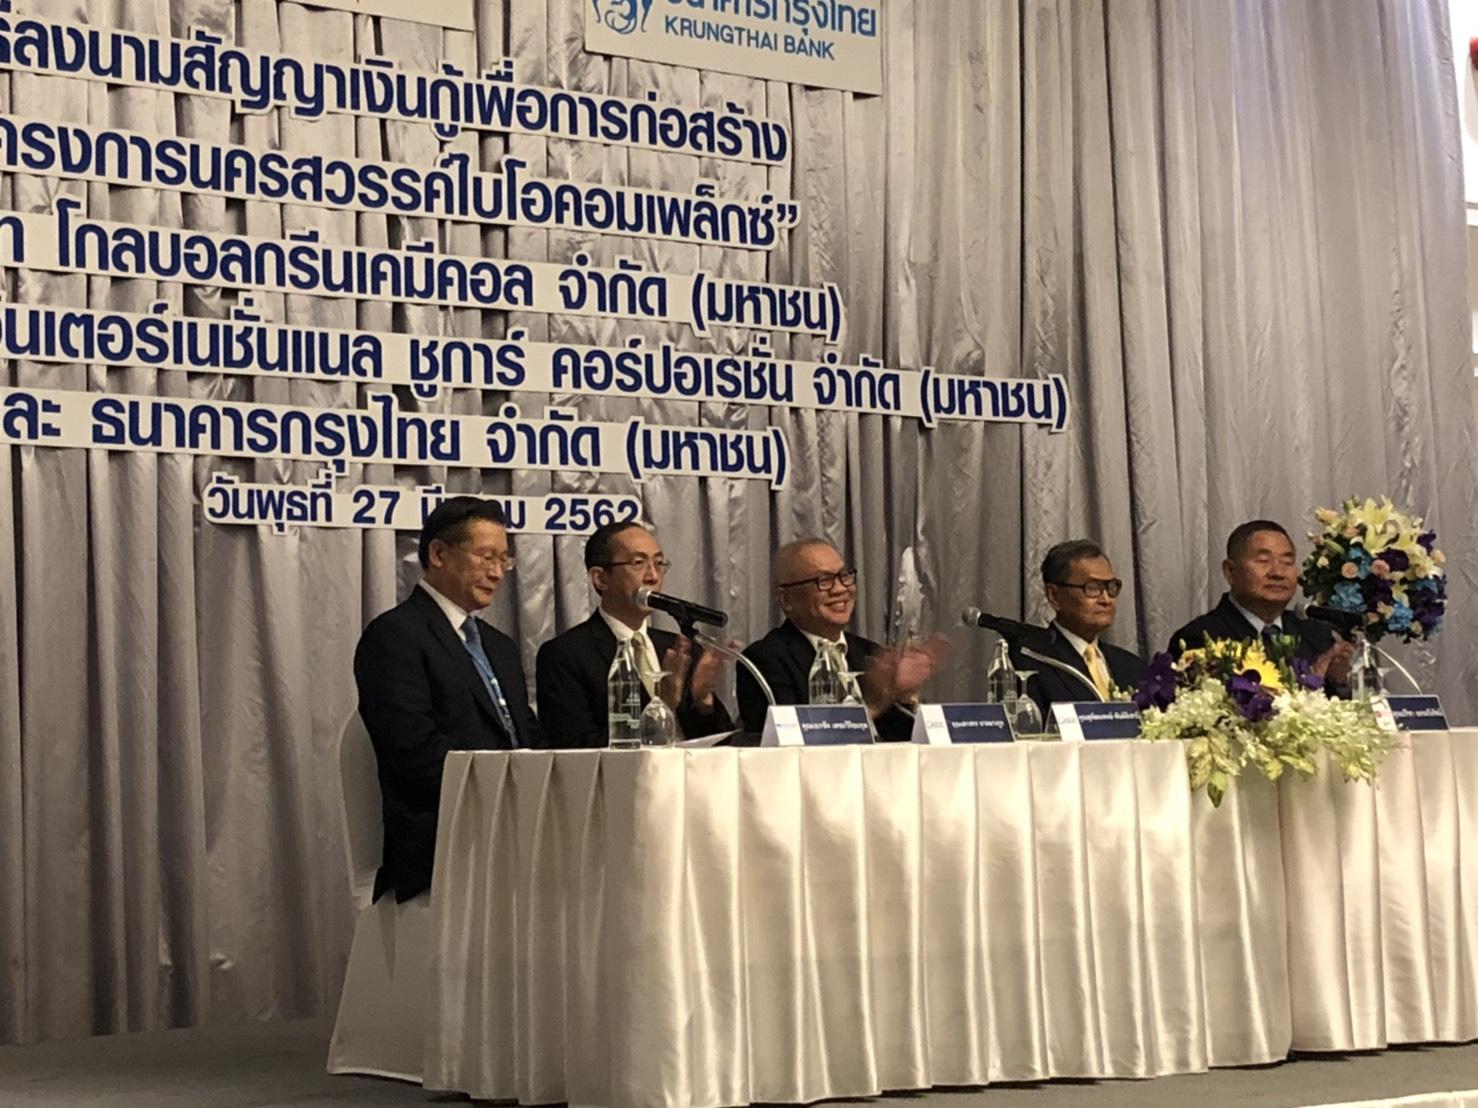 """GGCหาพันธมิตรลุย""""ไบโอคอมเพล็กซ์"""" ดึงกรุงไทยปล่อยกู้เฟสแรก 5.2พันล้าน"""